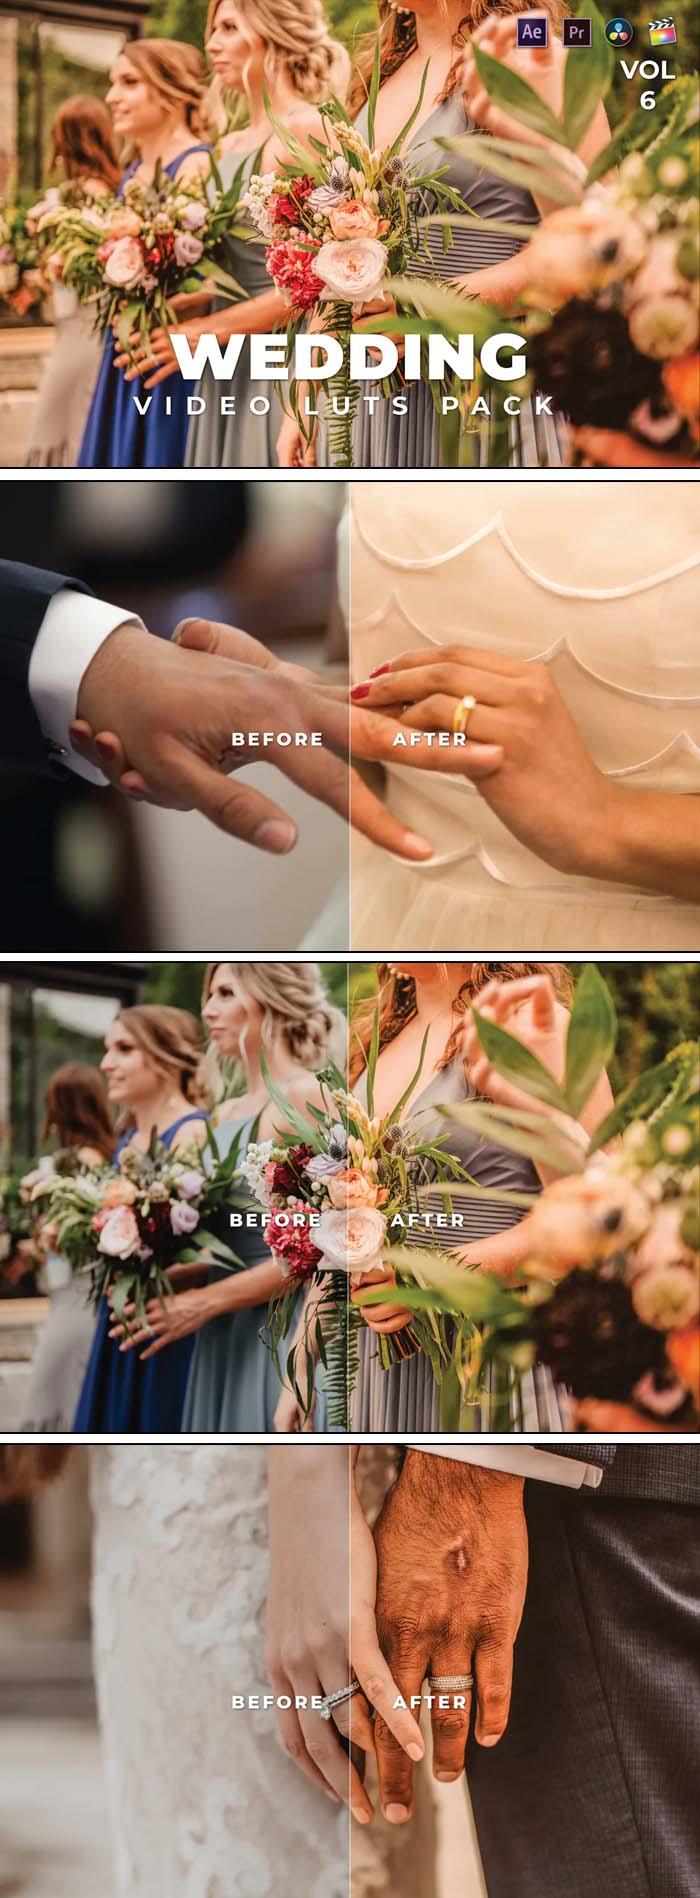 Wedding Pack Video LUTs Vol.6